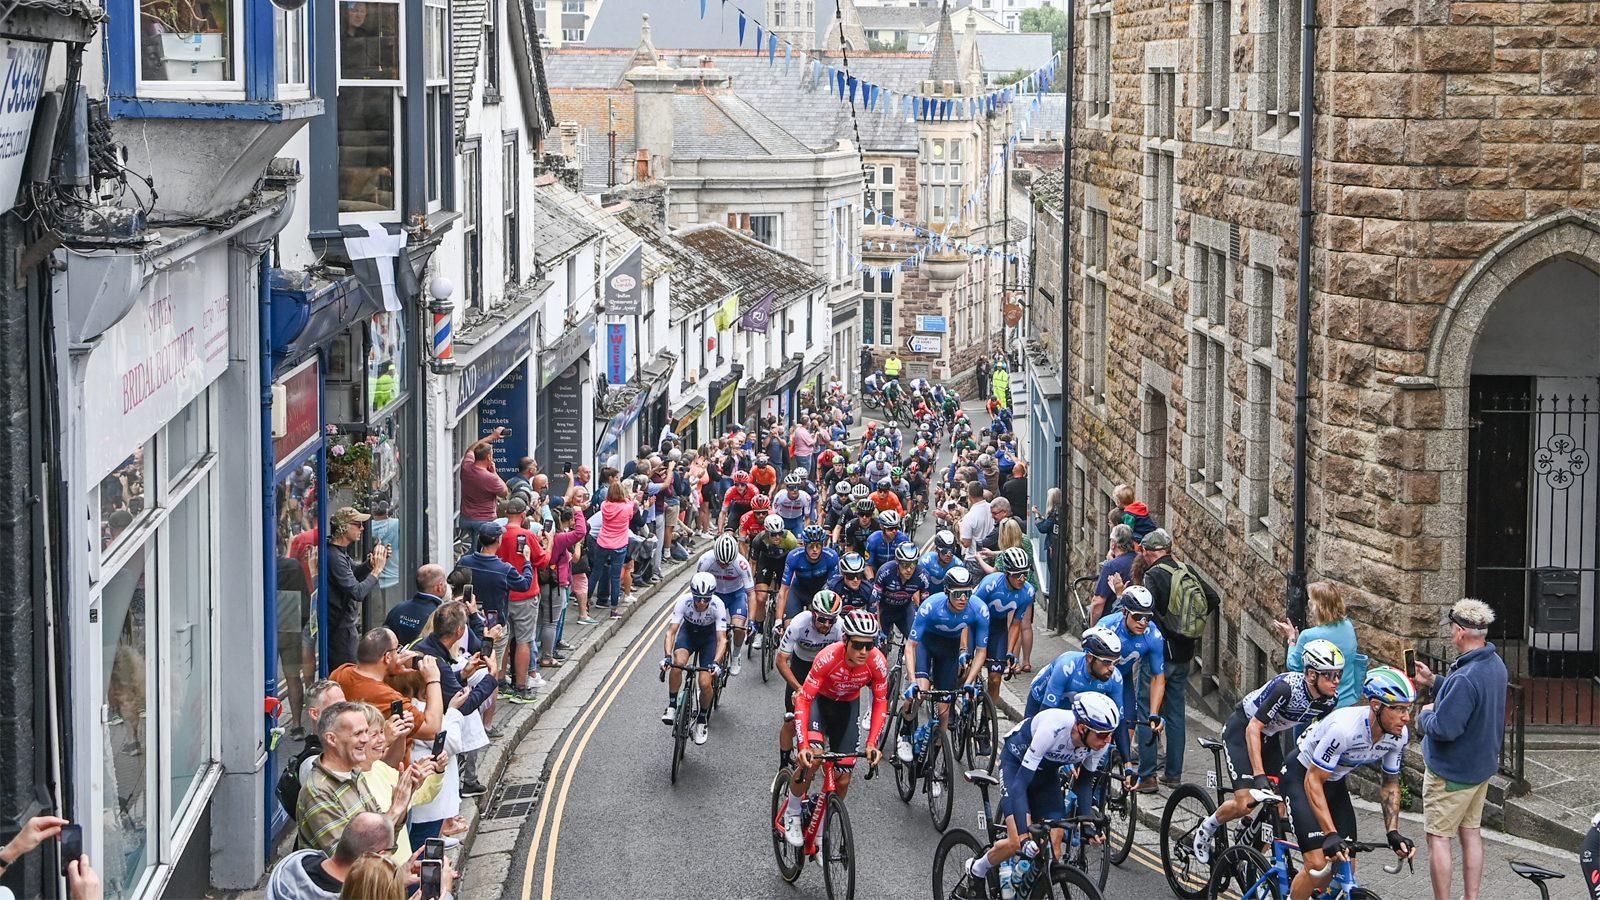 Tour of Britain 2022 dates